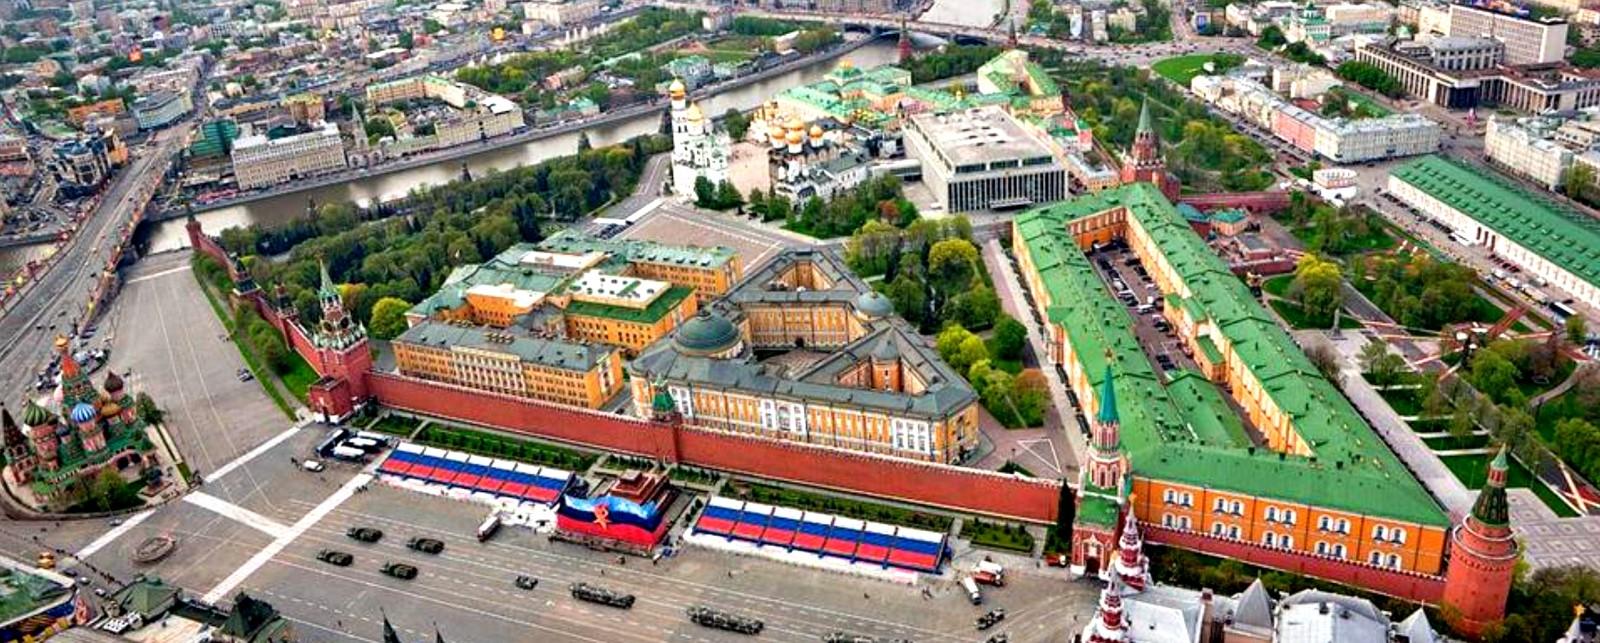 克里姆林宫俯瞰图.jpg